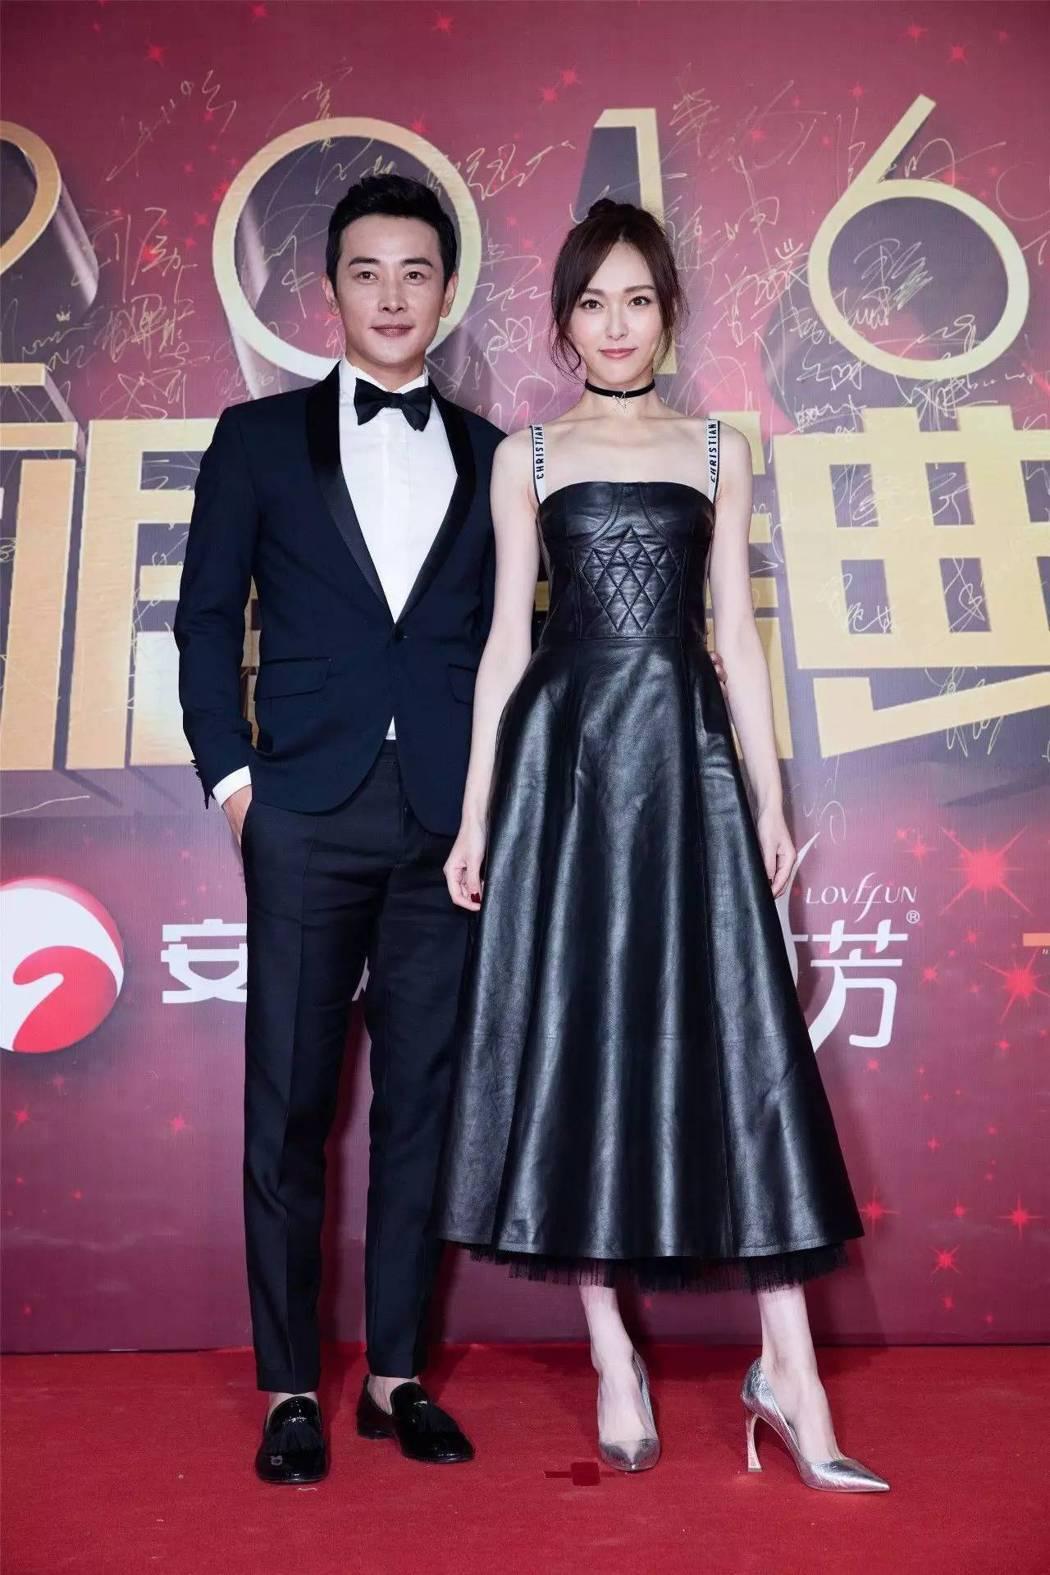 唐嫣和羅晉認愛後,穿上Dior皮裙同框閃愛。圖/取自微博